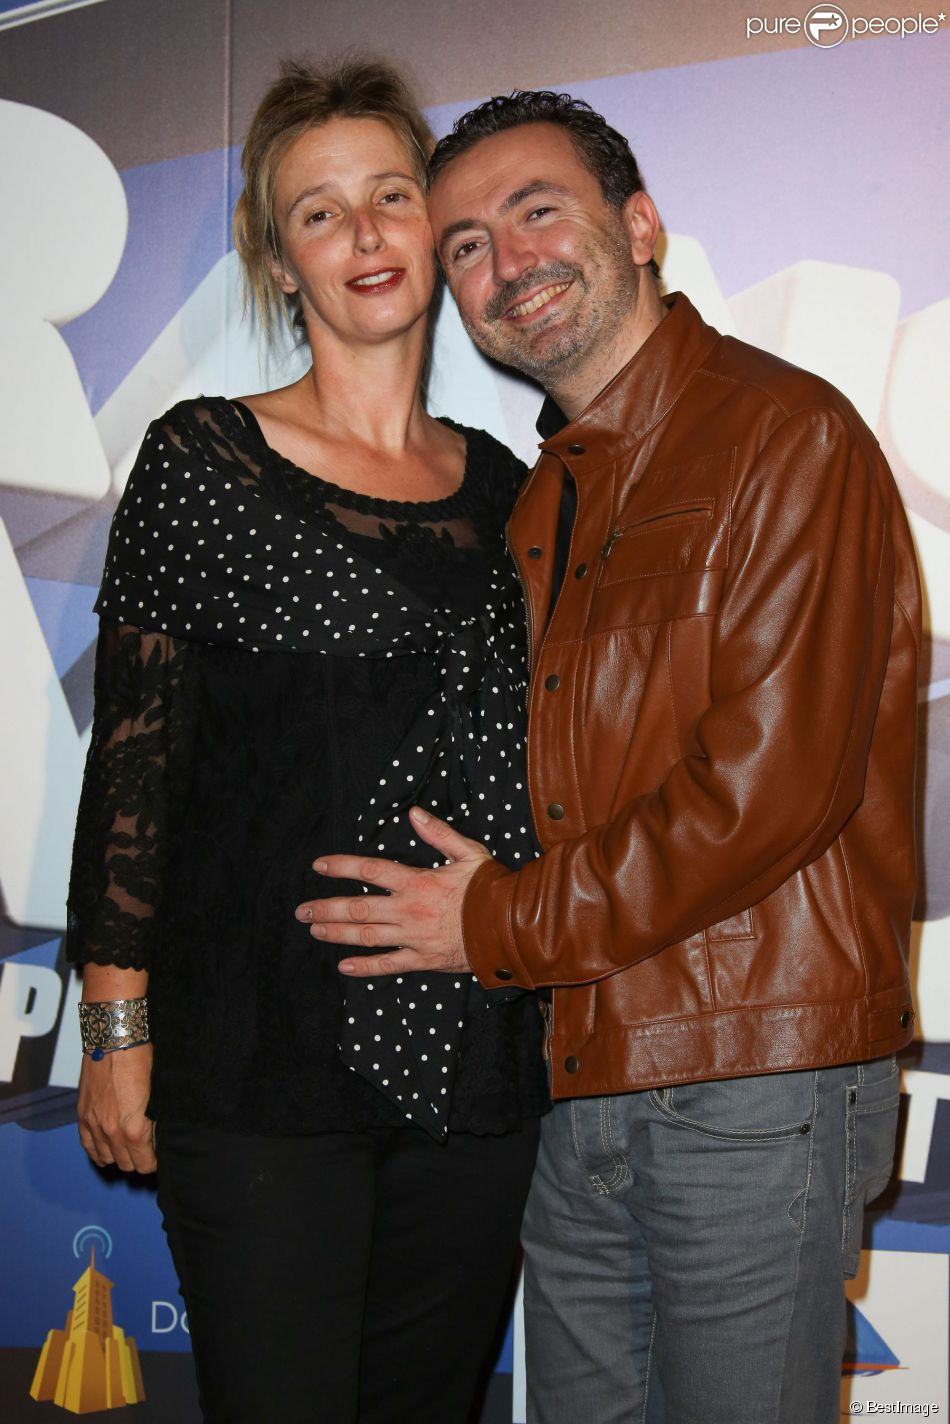 Exclusif - Gérald Dahan et sa compagne Claire enceinte lors de la 4e édition du Festival de l'humour court à La Ciotat, le 11 octobre 2014.